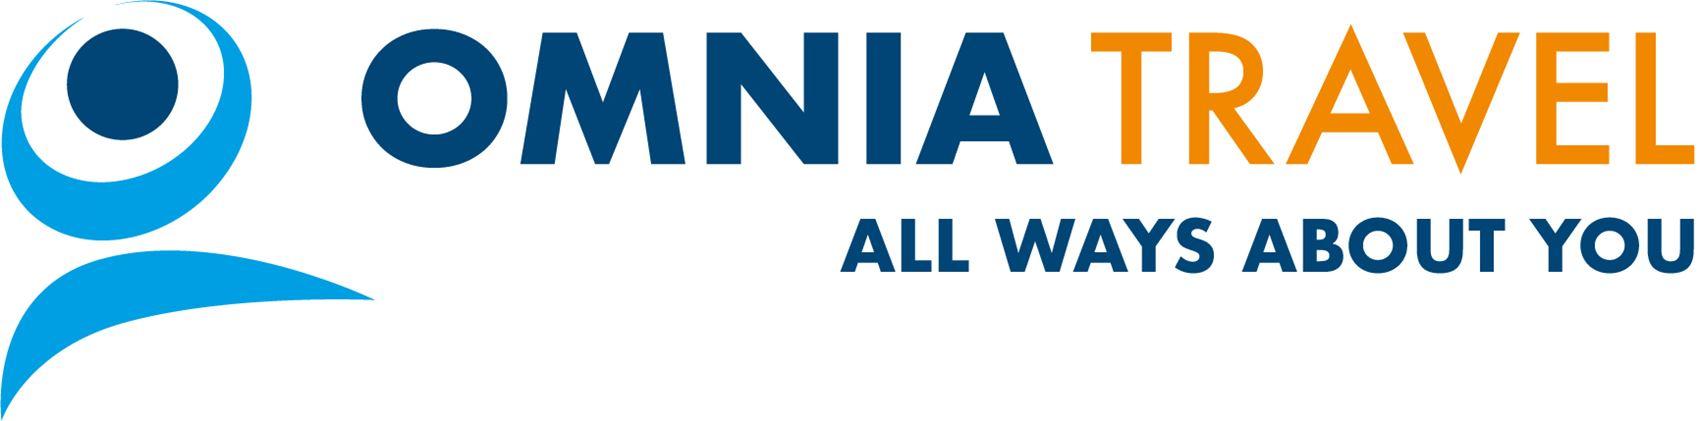 Omnia Travel 1700 x 421